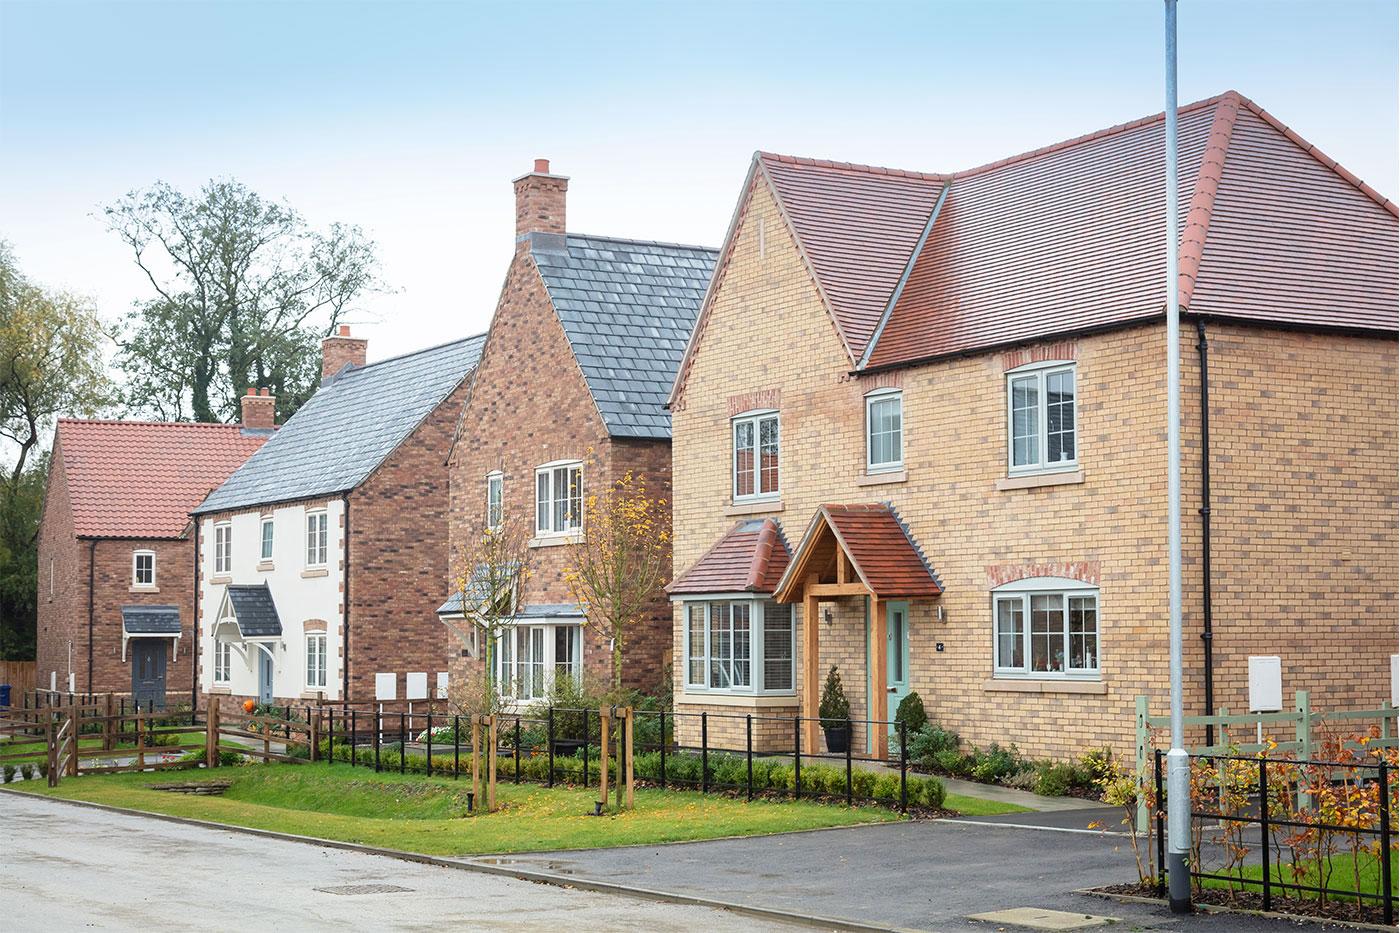 New homes on Lodge Lane development in Nettleham